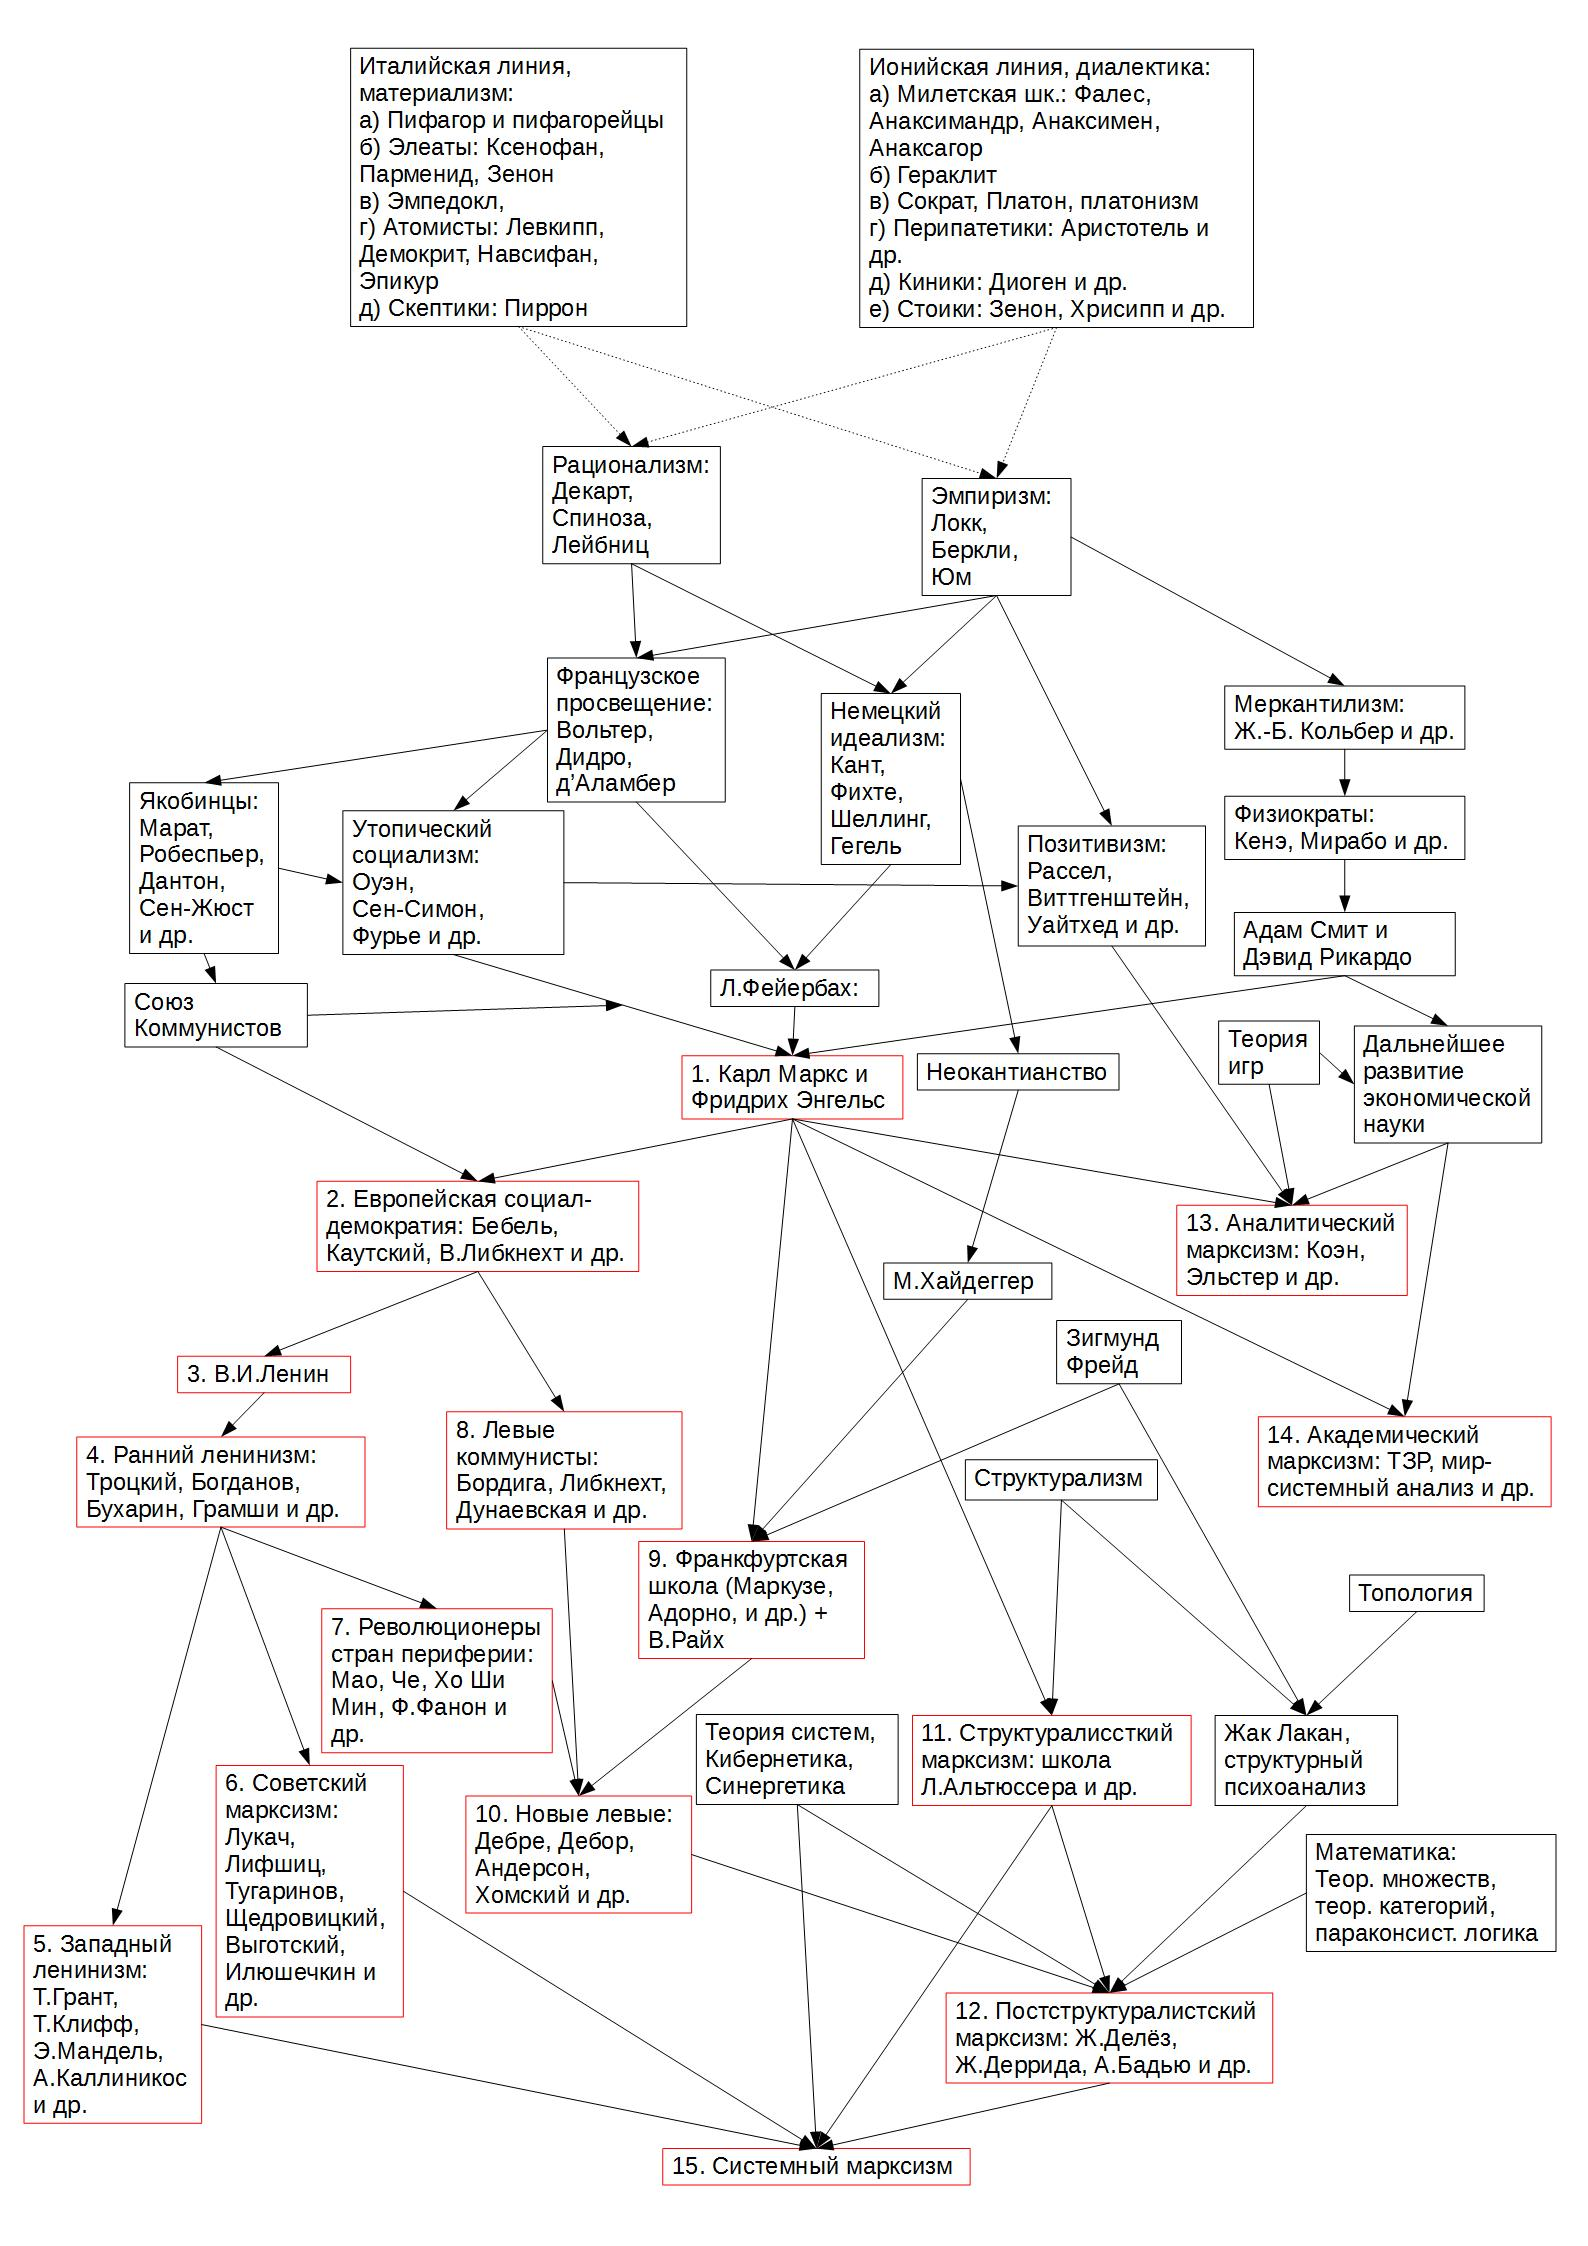 """Краткая схема истории синтезов как размежеваний из """"Эволюции марксизма"""""""